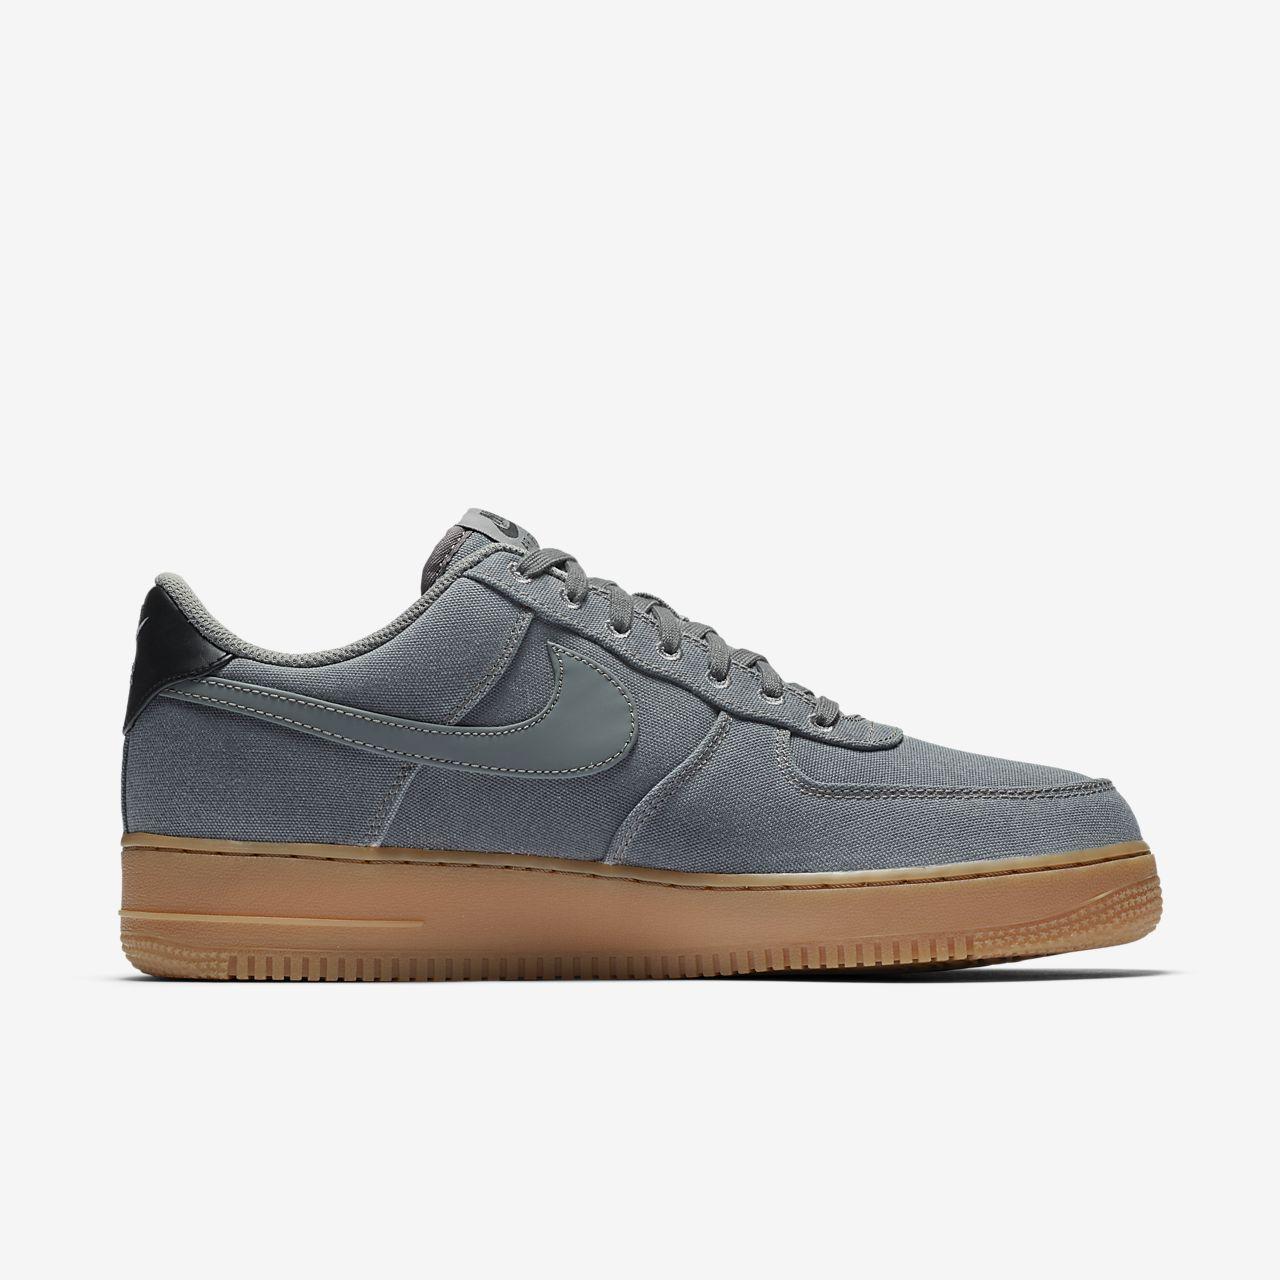 best service 22ead c0269 ... Nike Air Force 1  07 LV8 Style Men s Shoe